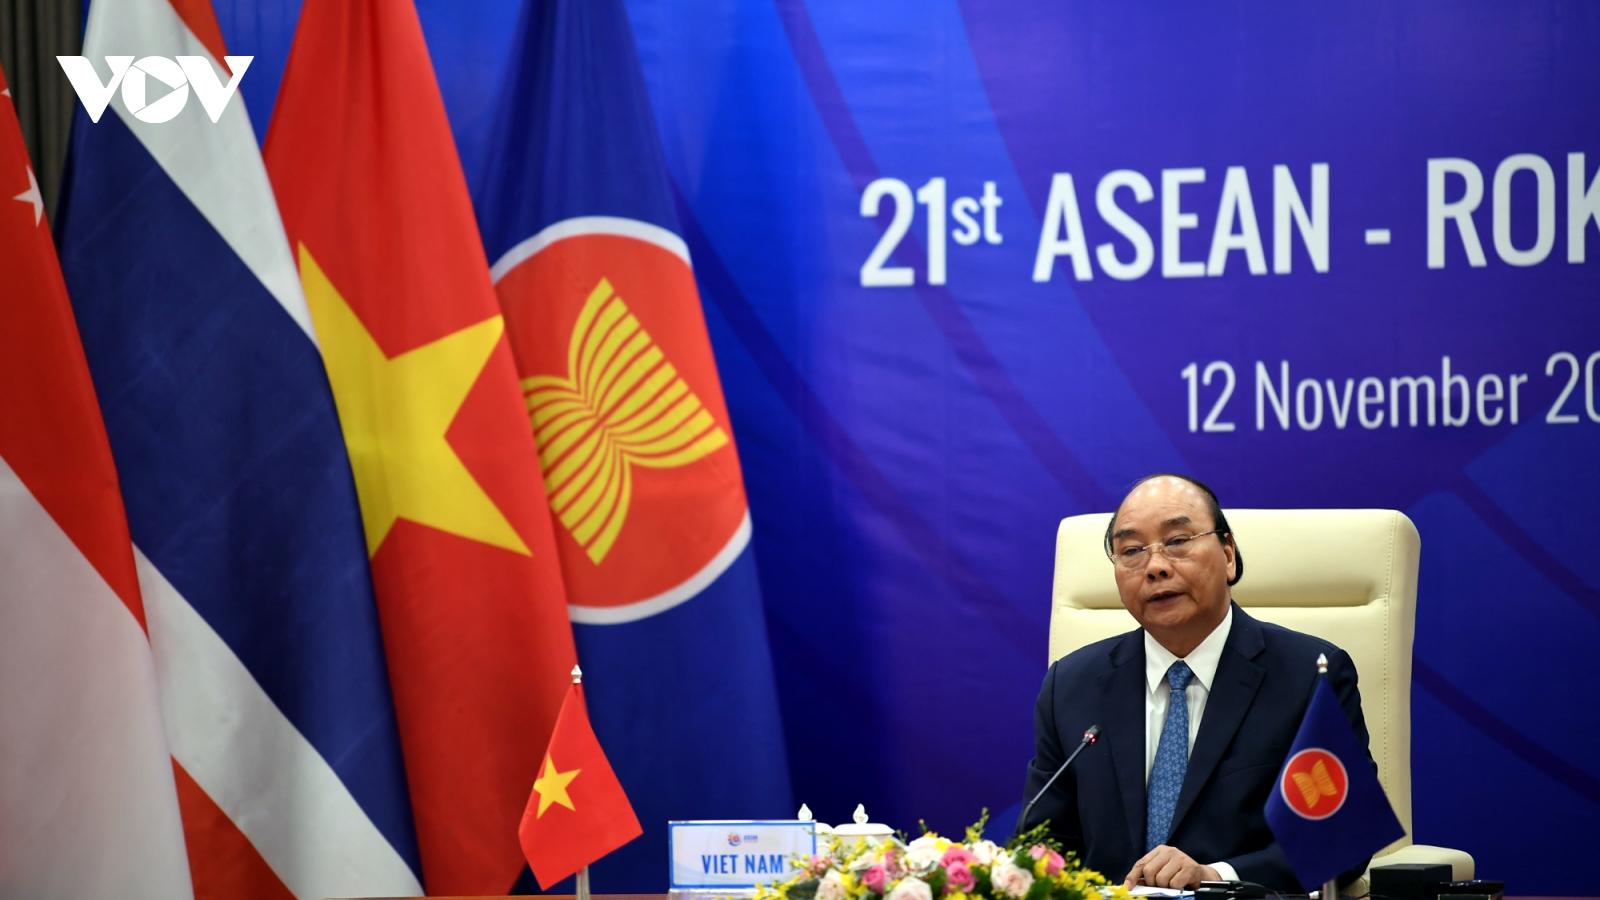 Hàn Quốc ưu tiên tăng cường và làm sâu sắc hơn nữa hợp tác với ASEAN